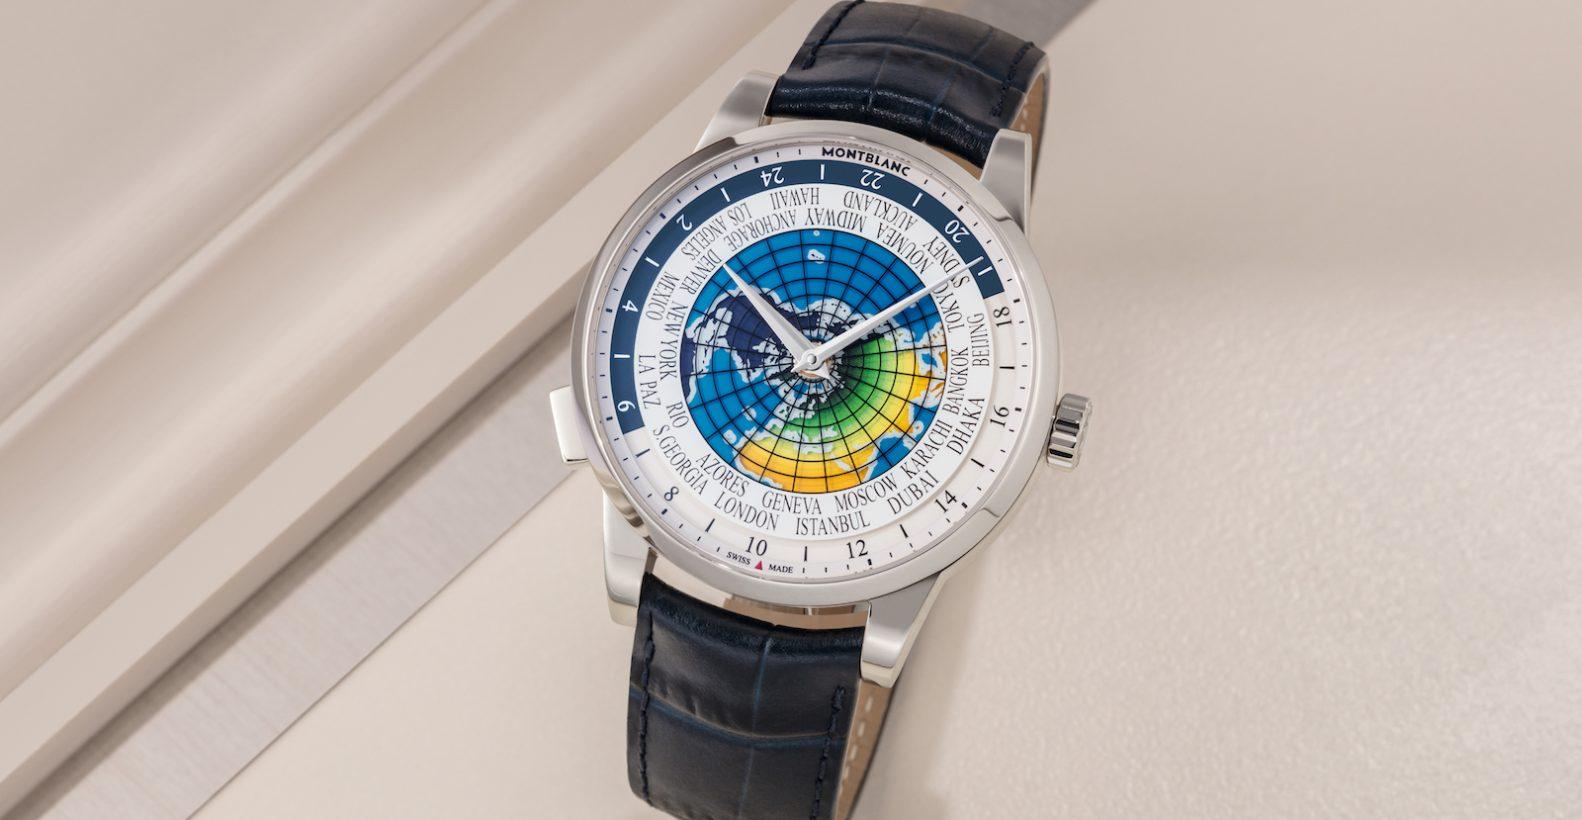 傳承精神UNICEF系列世界時區限量腕錶,不鏽鋼錶殼,錶徑41毫米,時、分、世界時區、24小時顯示、MB 29.20自動上鍊機芯,藍寶石水晶玻璃鏡面,鱷魚皮錶帶,限量500只,參考售價:NTD 185,400。